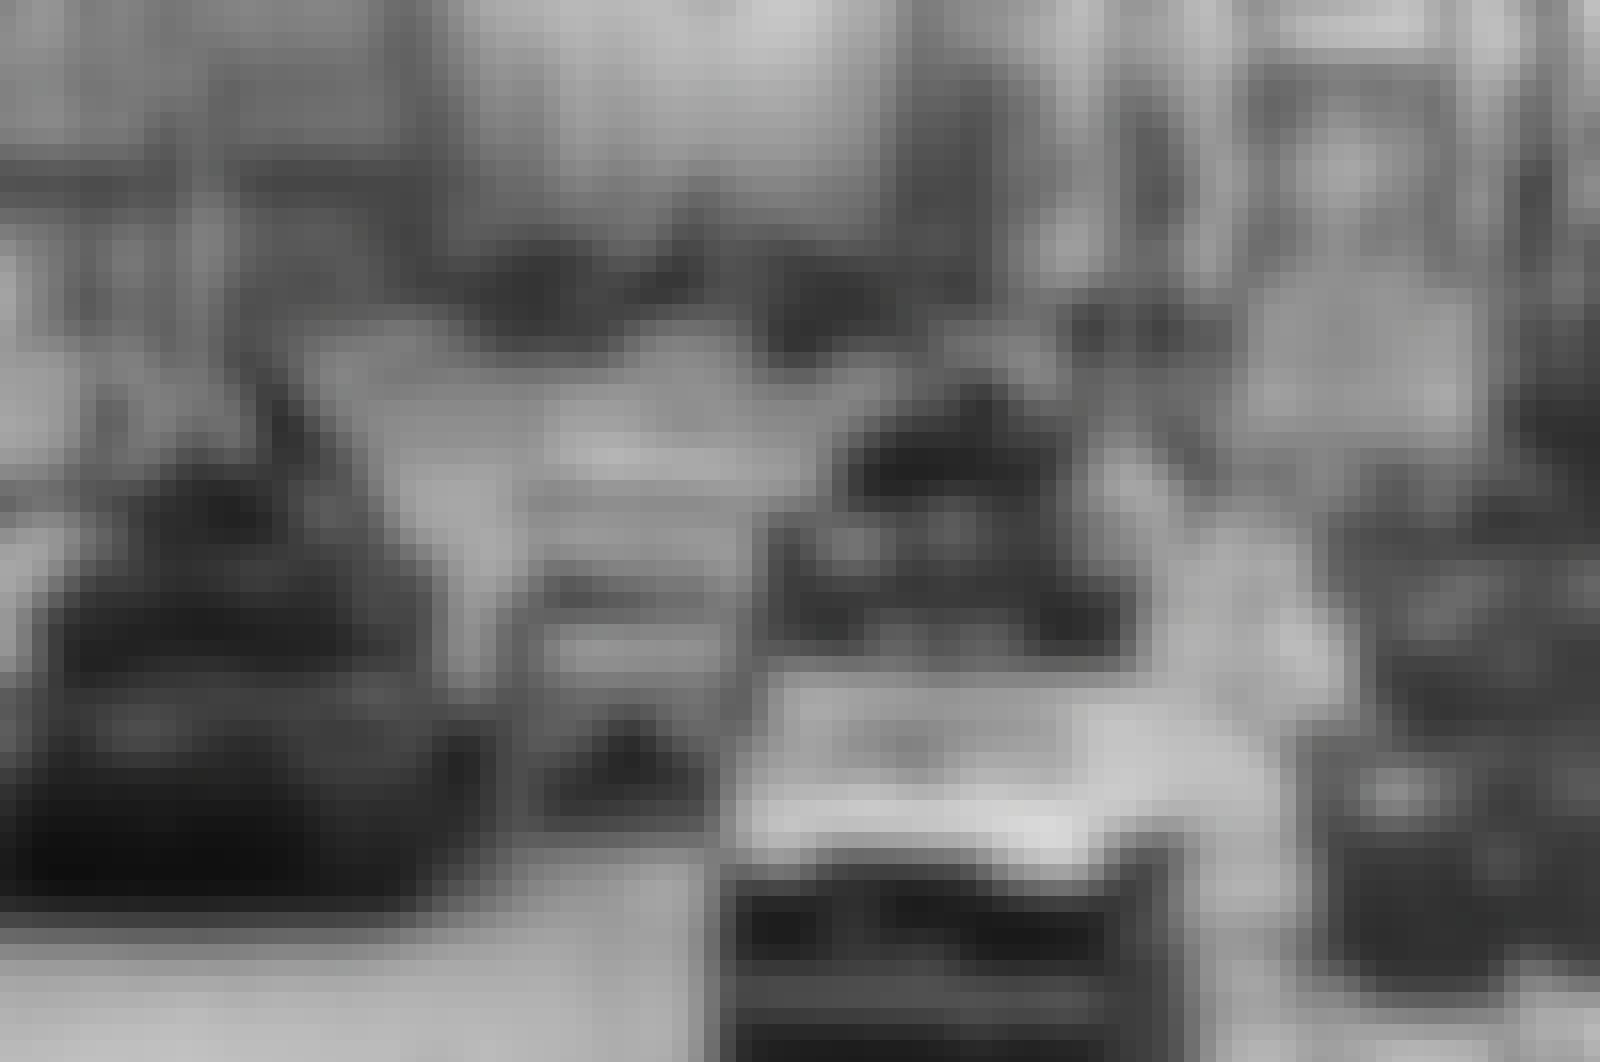 Sovjetiska och amerikanska stridsvagnar vid Checkpoint Charlie.